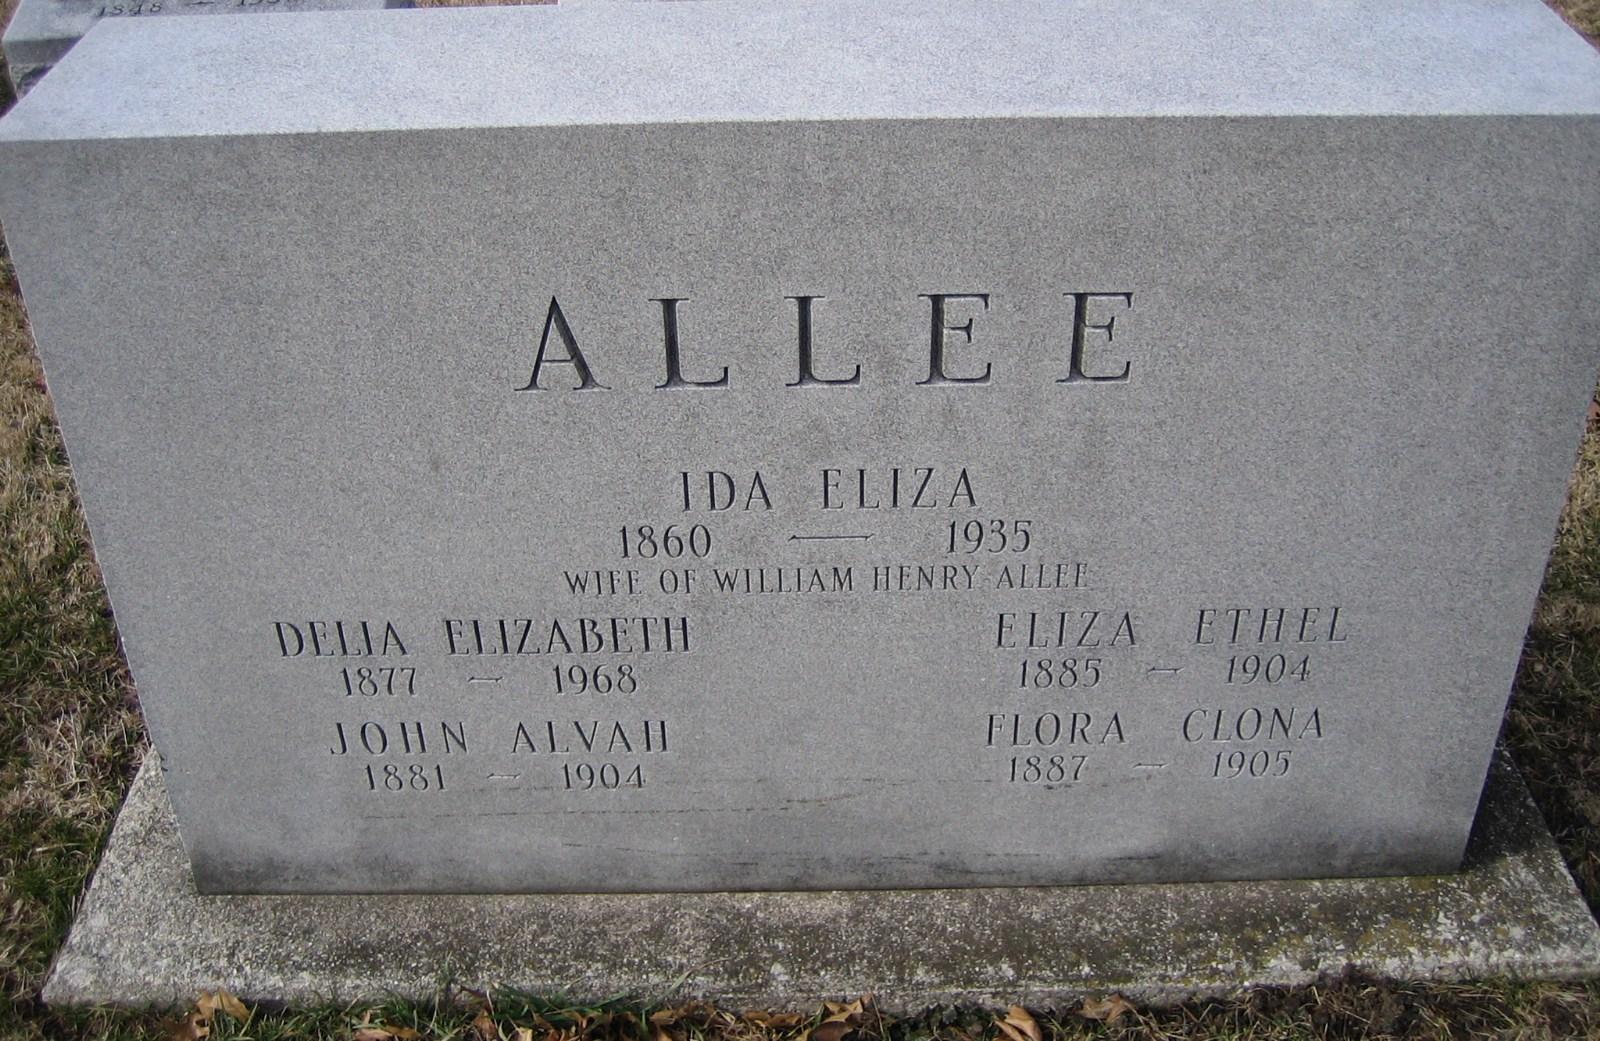 Delia Elizabeth Allee